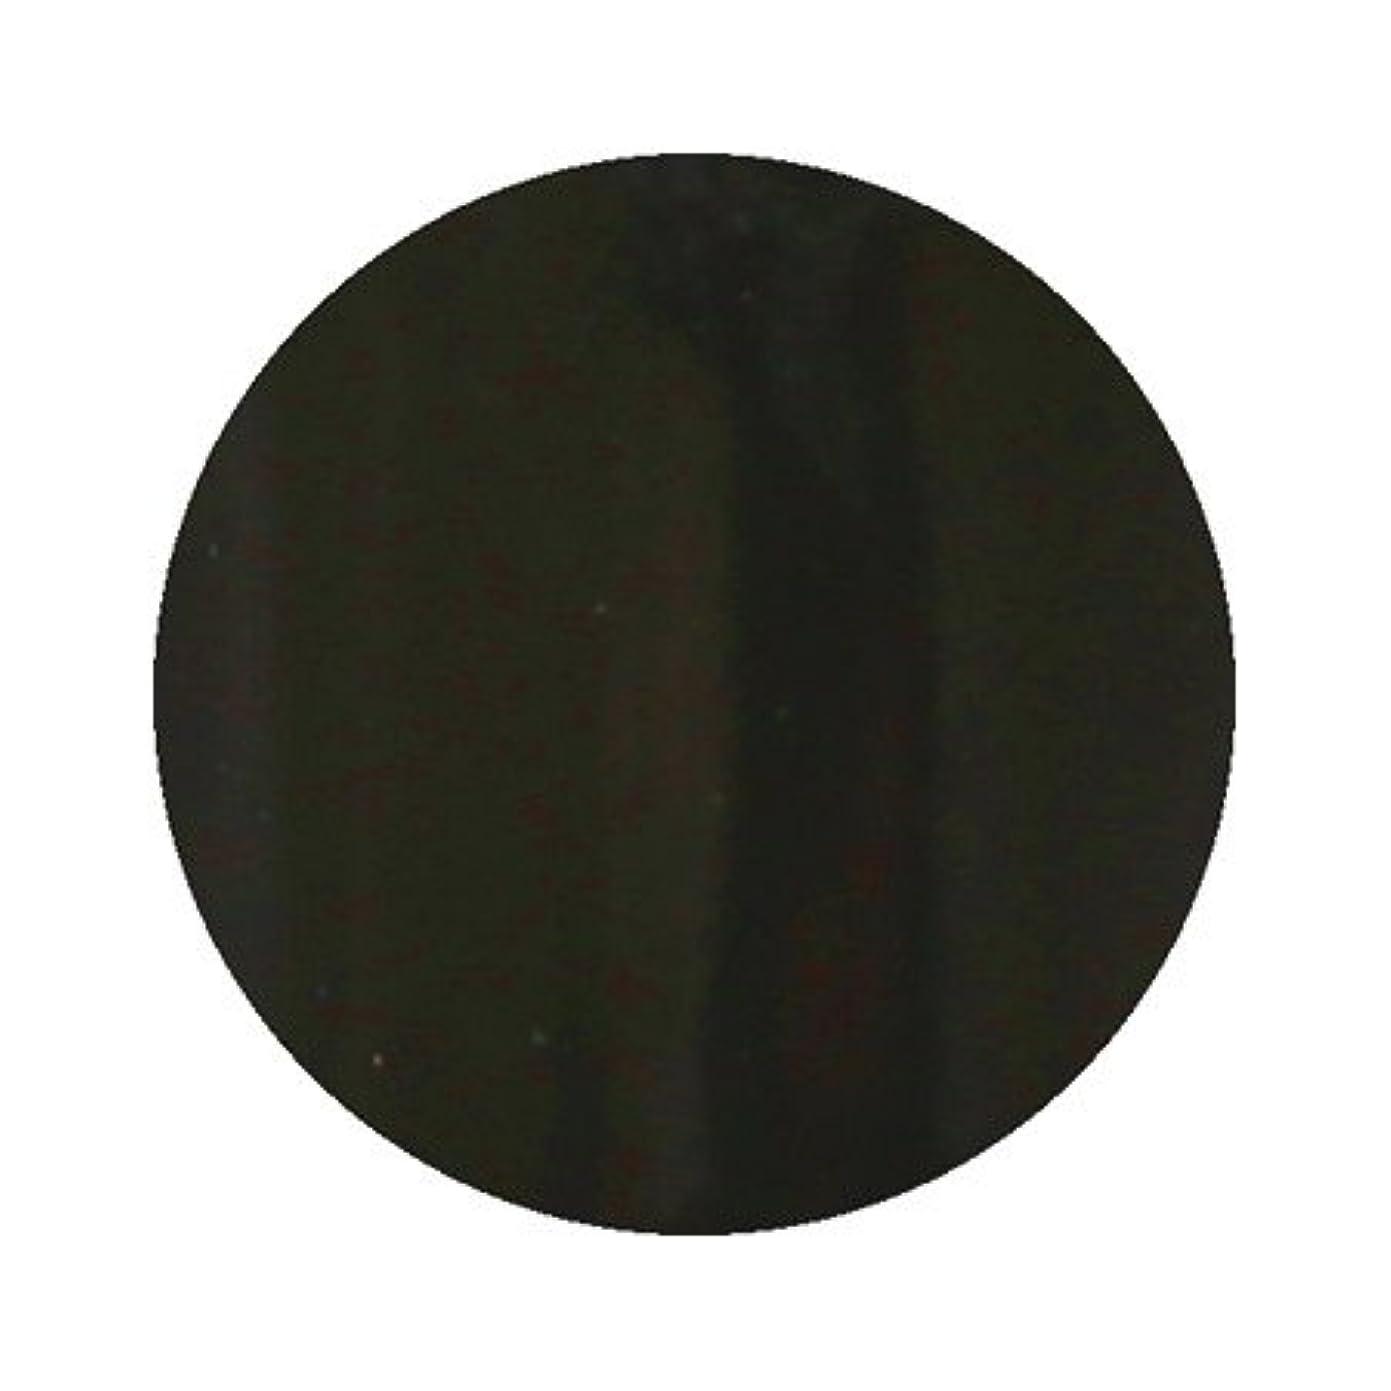 カレンダードレス混雑パラポリッシュ ハイブリッドカラージェル MD14 ディープグリーン 7g